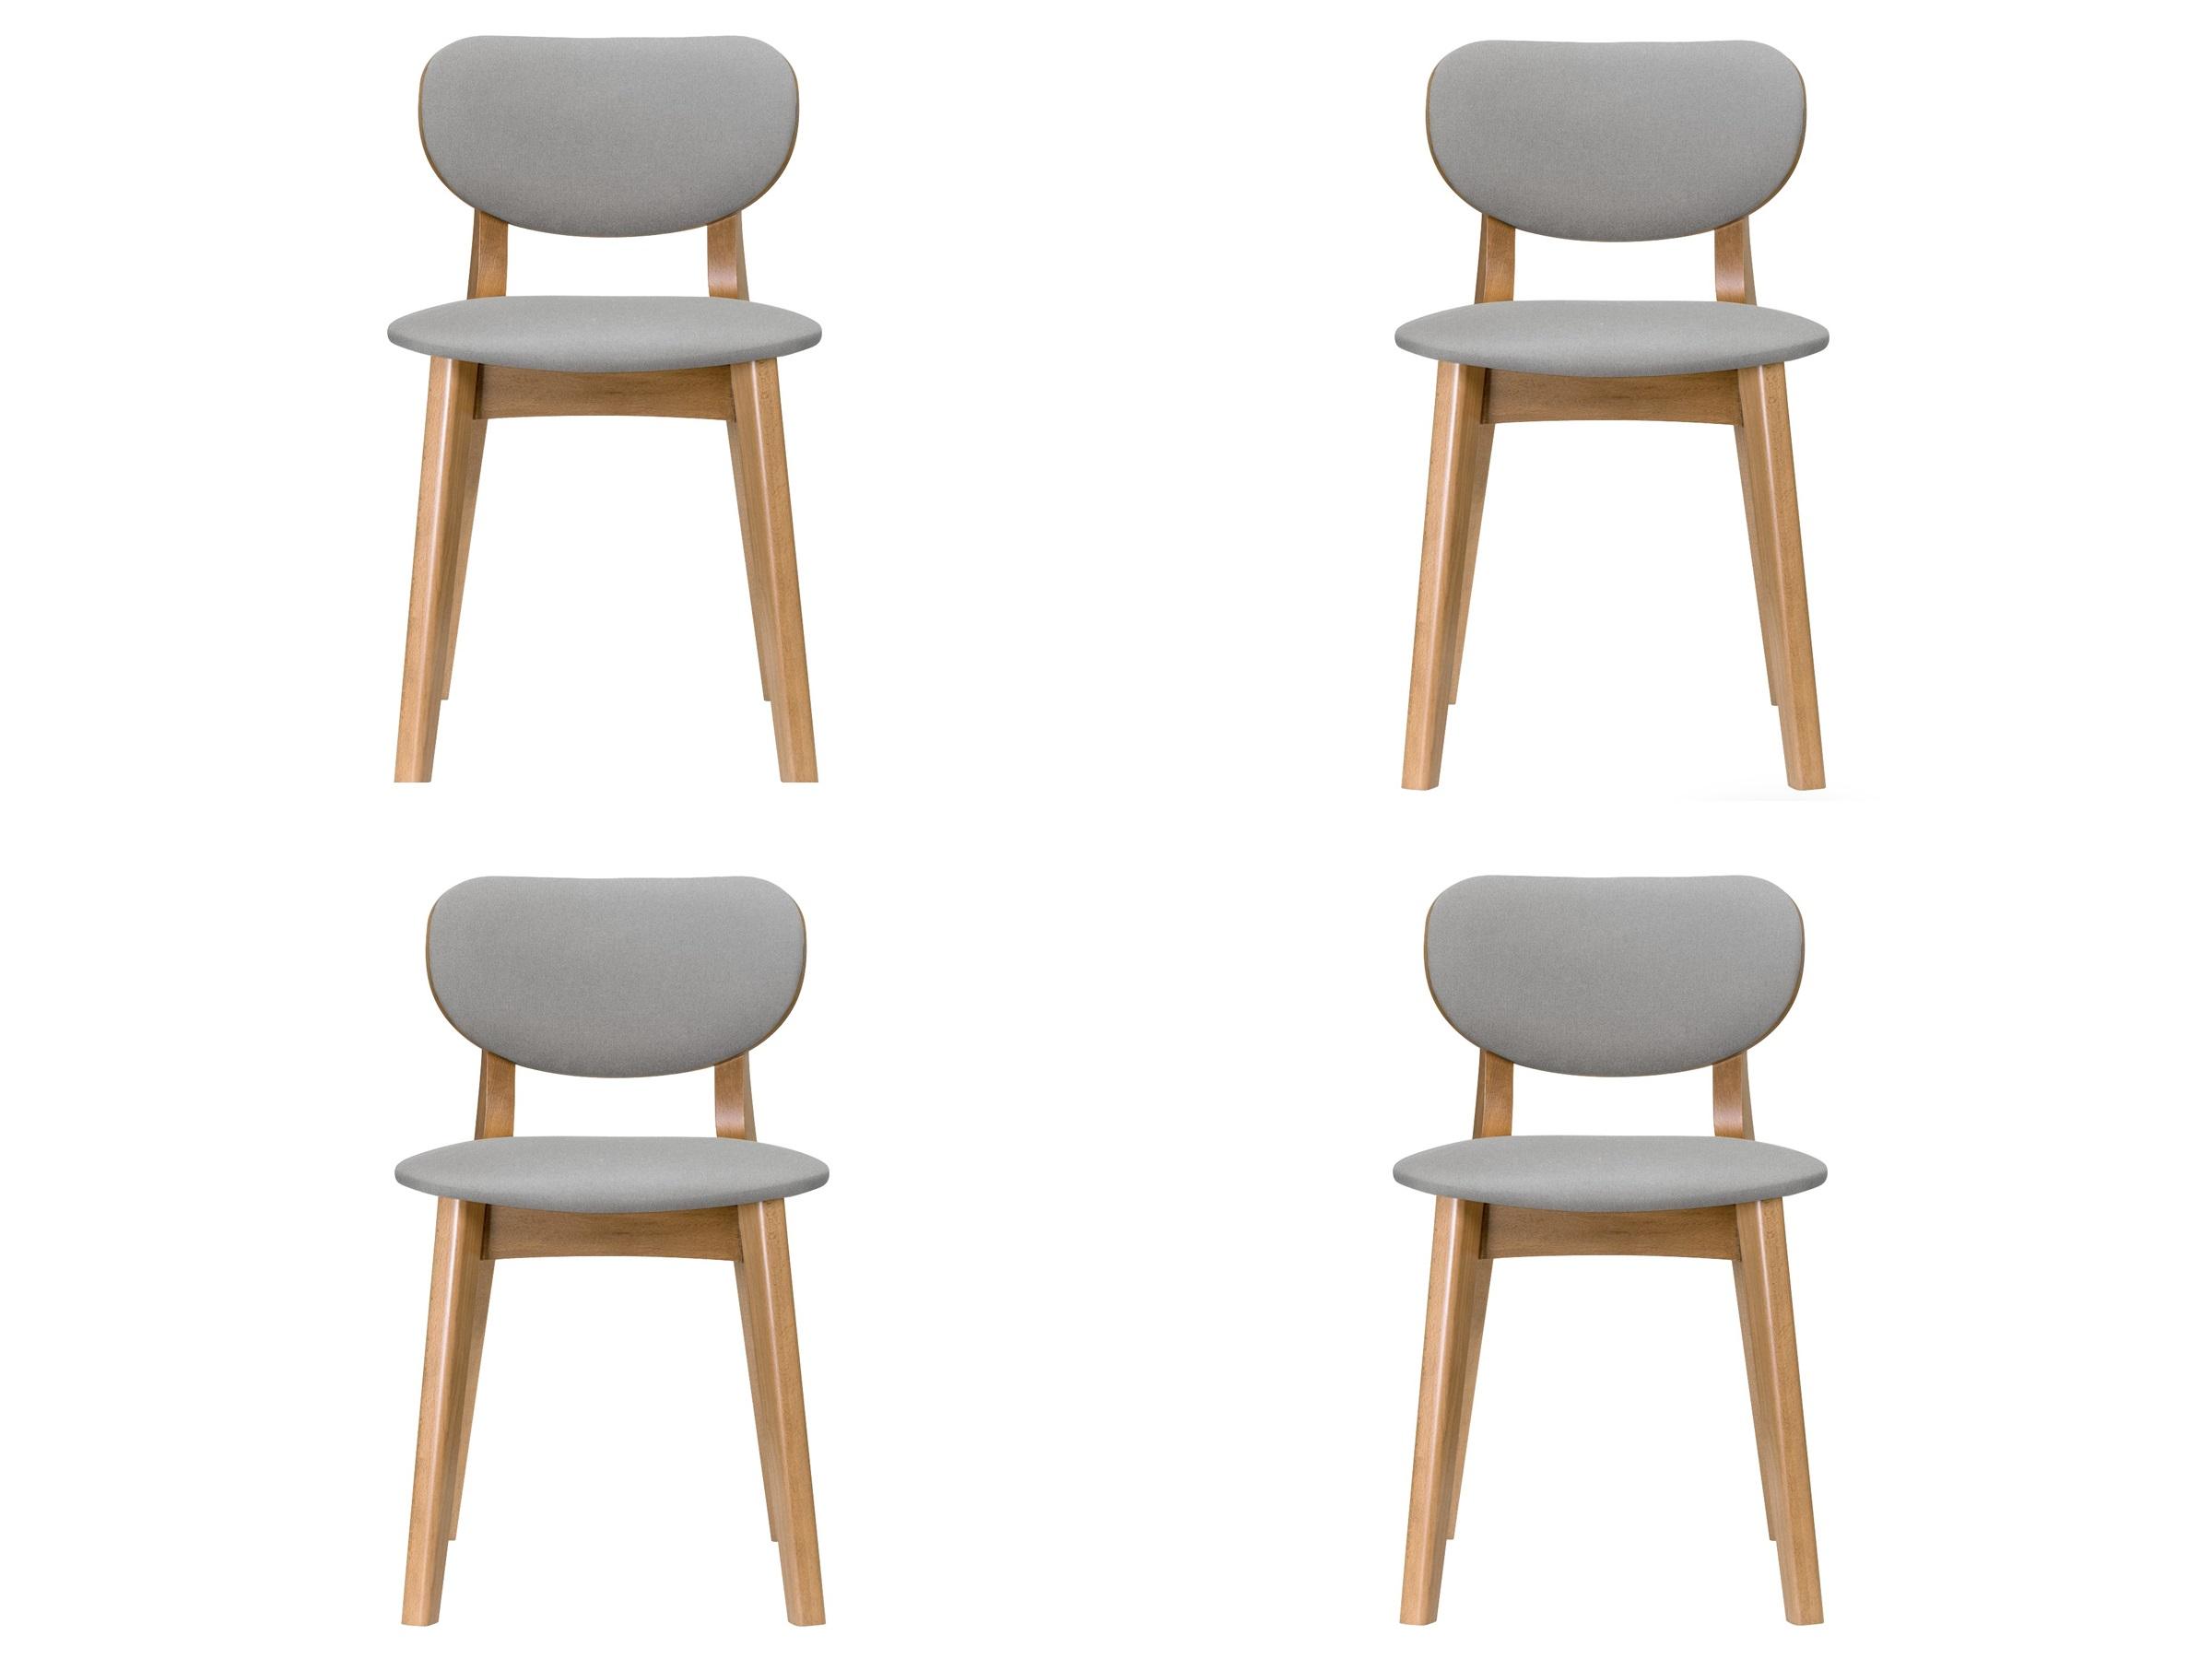 Комплект из 4 стульев XavierКомплекты<br>&amp;lt;div&amp;gt;Этот стул подкупает своей универсальностью! Он будет идеально смотреться как дополнение к обеденному столу, так и станет акцентом для вашей творческой студии. Само воплощение скандинавской классики.&amp;lt;/div&amp;gt;&amp;lt;div&amp;gt;&amp;lt;br&amp;gt;&amp;lt;/div&amp;gt;&amp;lt;div&amp;gt;Ткань: рогожка (65 000 циклов)&amp;lt;/div&amp;gt;&amp;lt;div&amp;gt;Ножки: орех 2/3&amp;lt;/div&amp;gt;Высота сиденья: 45 см&amp;lt;div&amp;gt;&amp;lt;span style=&amp;quot;font-size: 14px;&amp;quot;&amp;gt;Возможно изготовление в других цветах и обивках. Подробности уточняйте у менеджера.&amp;lt;/span&amp;gt;&amp;lt;br&amp;gt;&amp;lt;div&amp;gt;&amp;lt;br&amp;gt;&amp;lt;/div&amp;gt;&amp;lt;/div&amp;gt;<br><br>Material: Текстиль<br>Ширина см: 45<br>Высота см: 79<br>Глубина см: 45